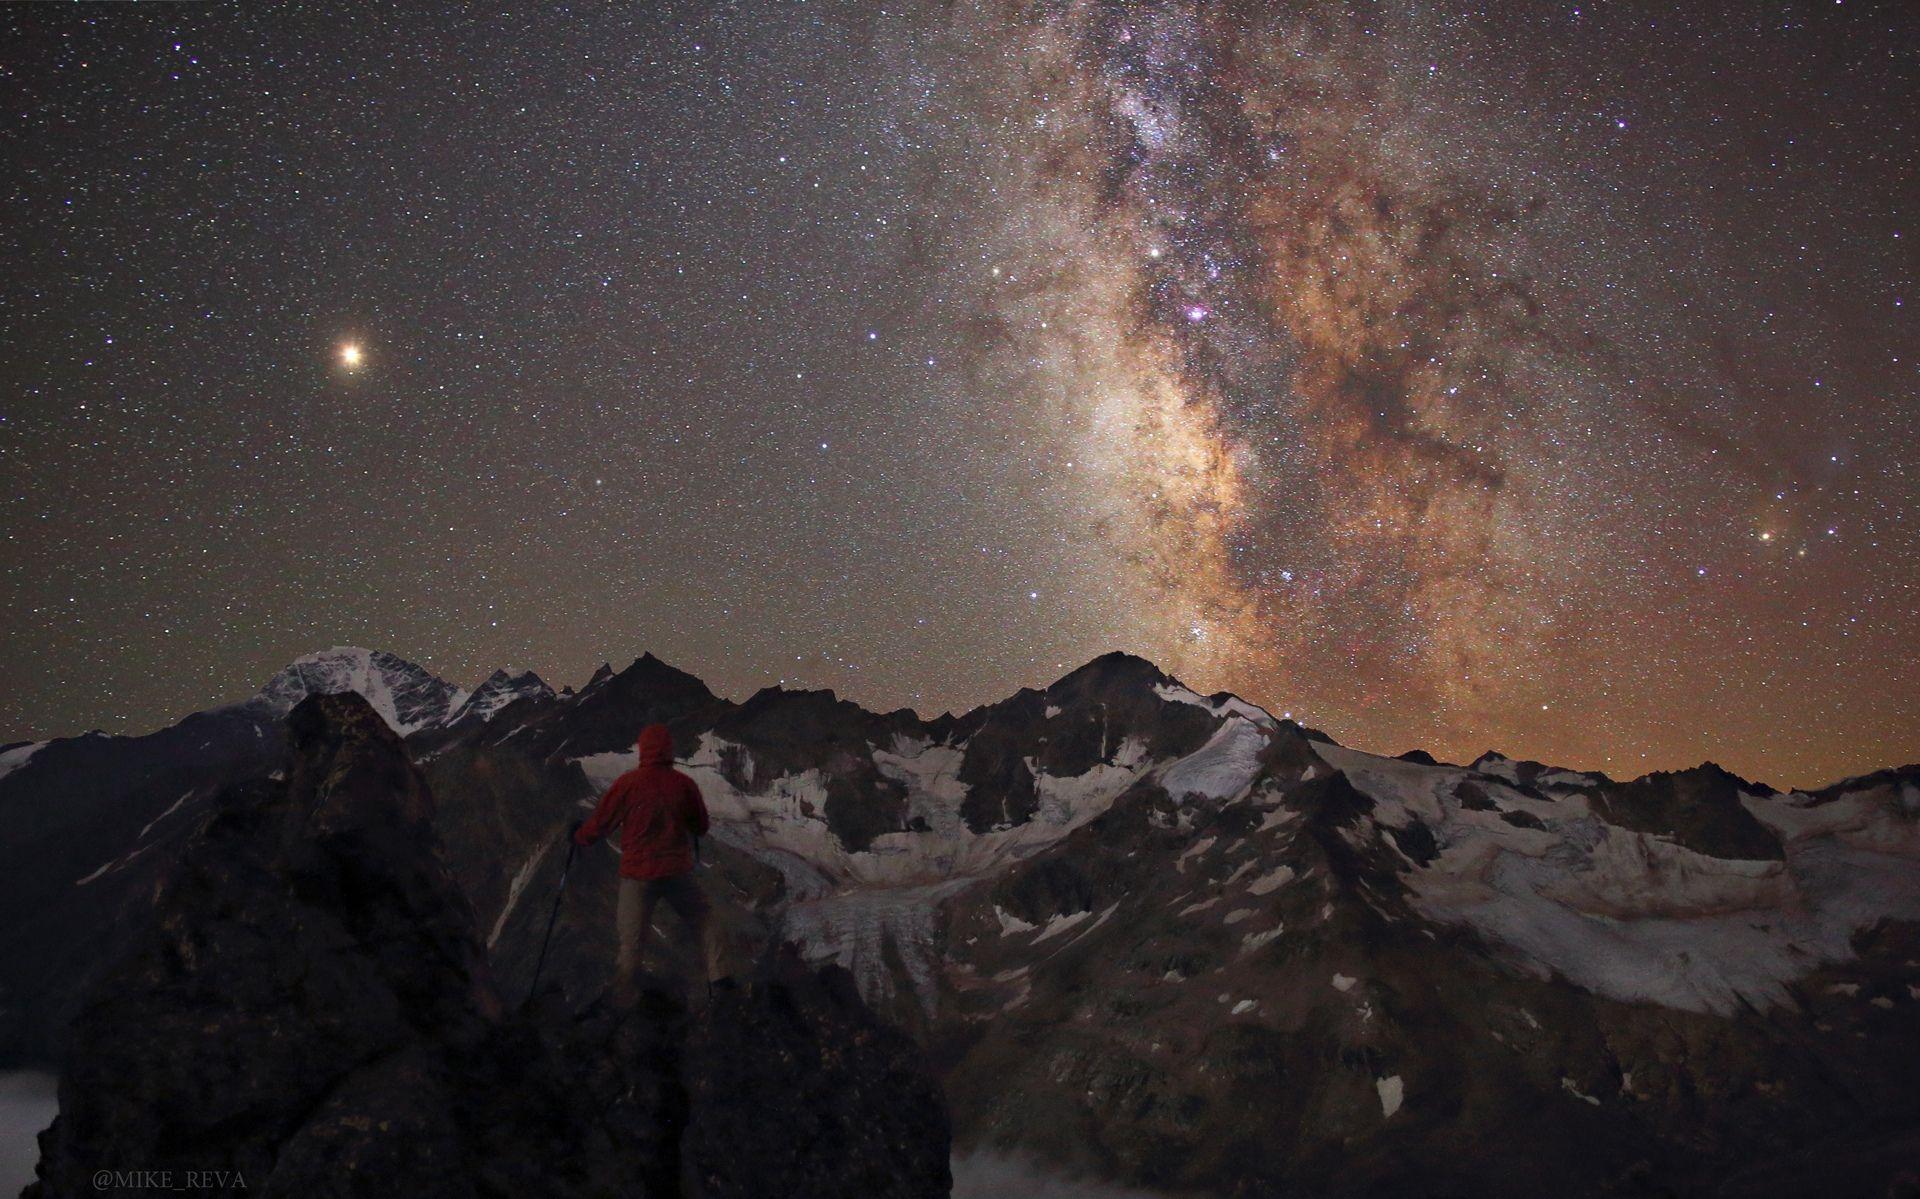 ночь ночной пейзаж астрофотография звезды созвездия, Рева Михаил